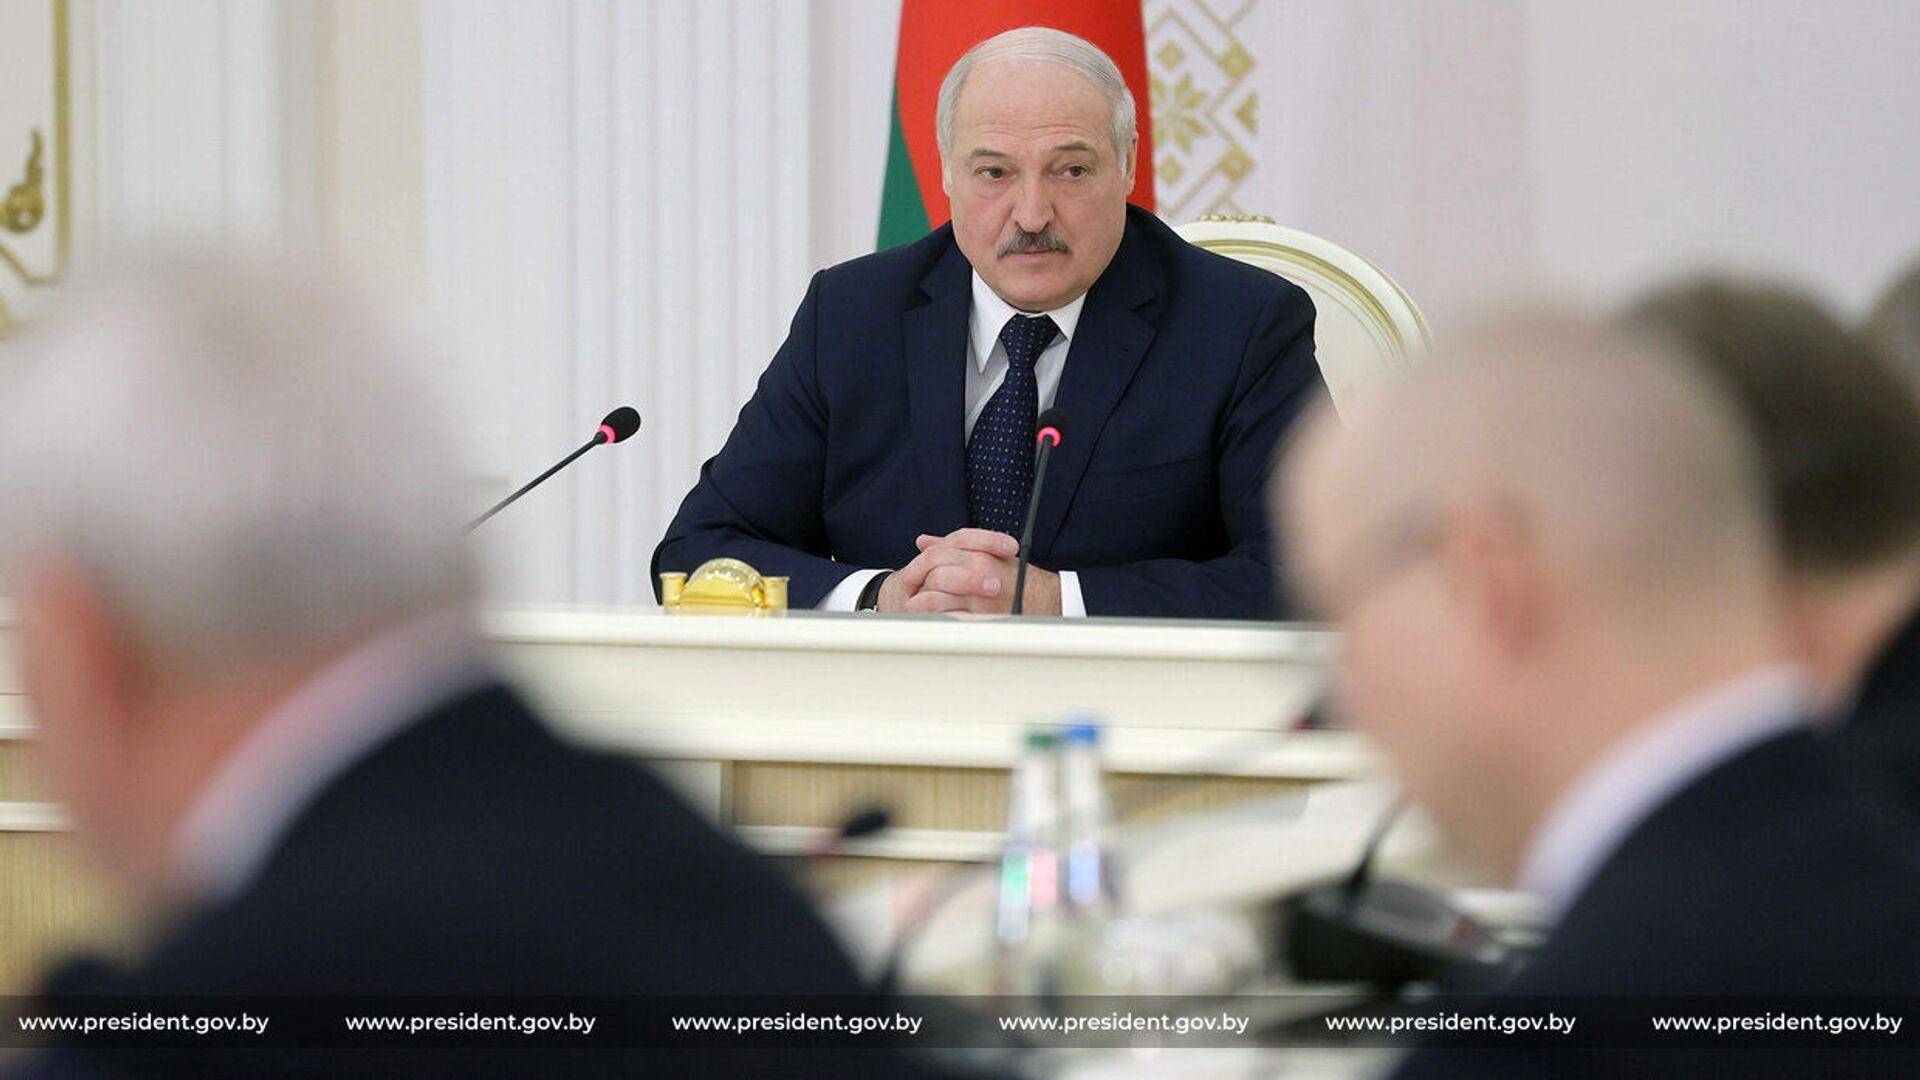 Běloruský prezident Alexandr Lukašenko - Sputnik Česká republika, 1920, 17.04.2021